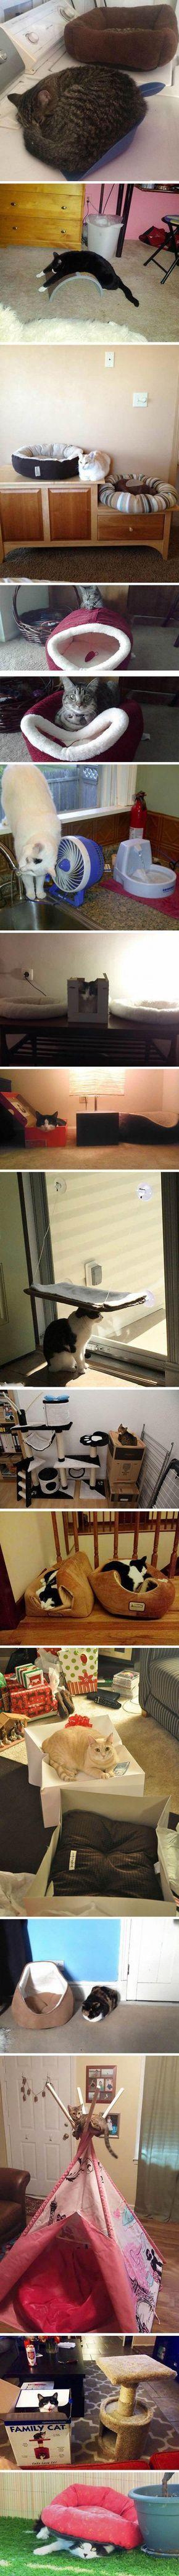 Cats und wie sie es für sich lieber haben...